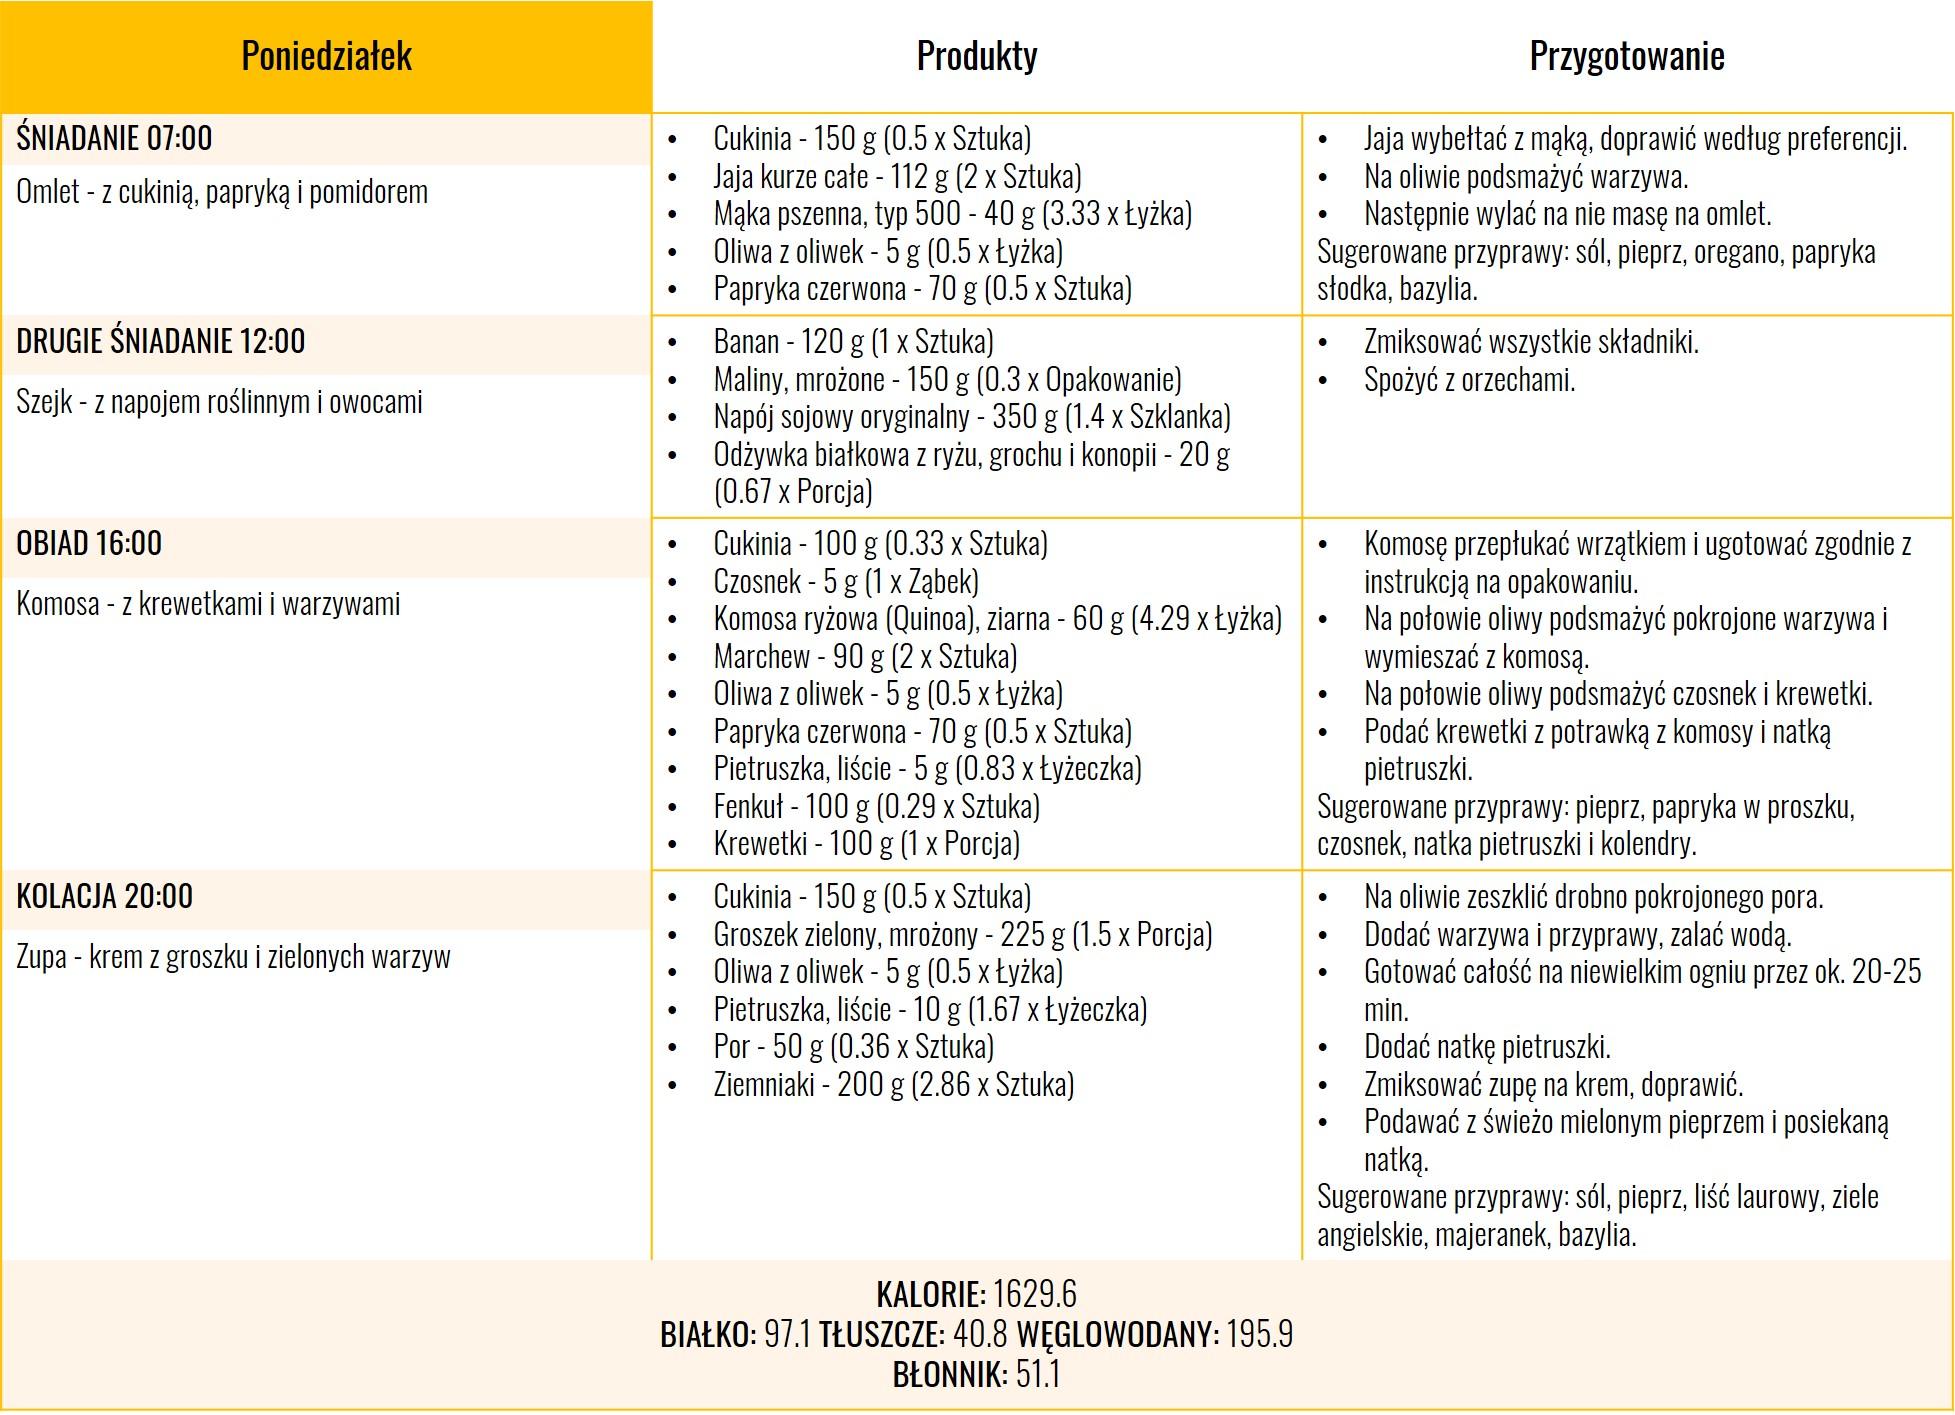 Dieta fleksitariańska 1600 kcal - dzien pierwszy